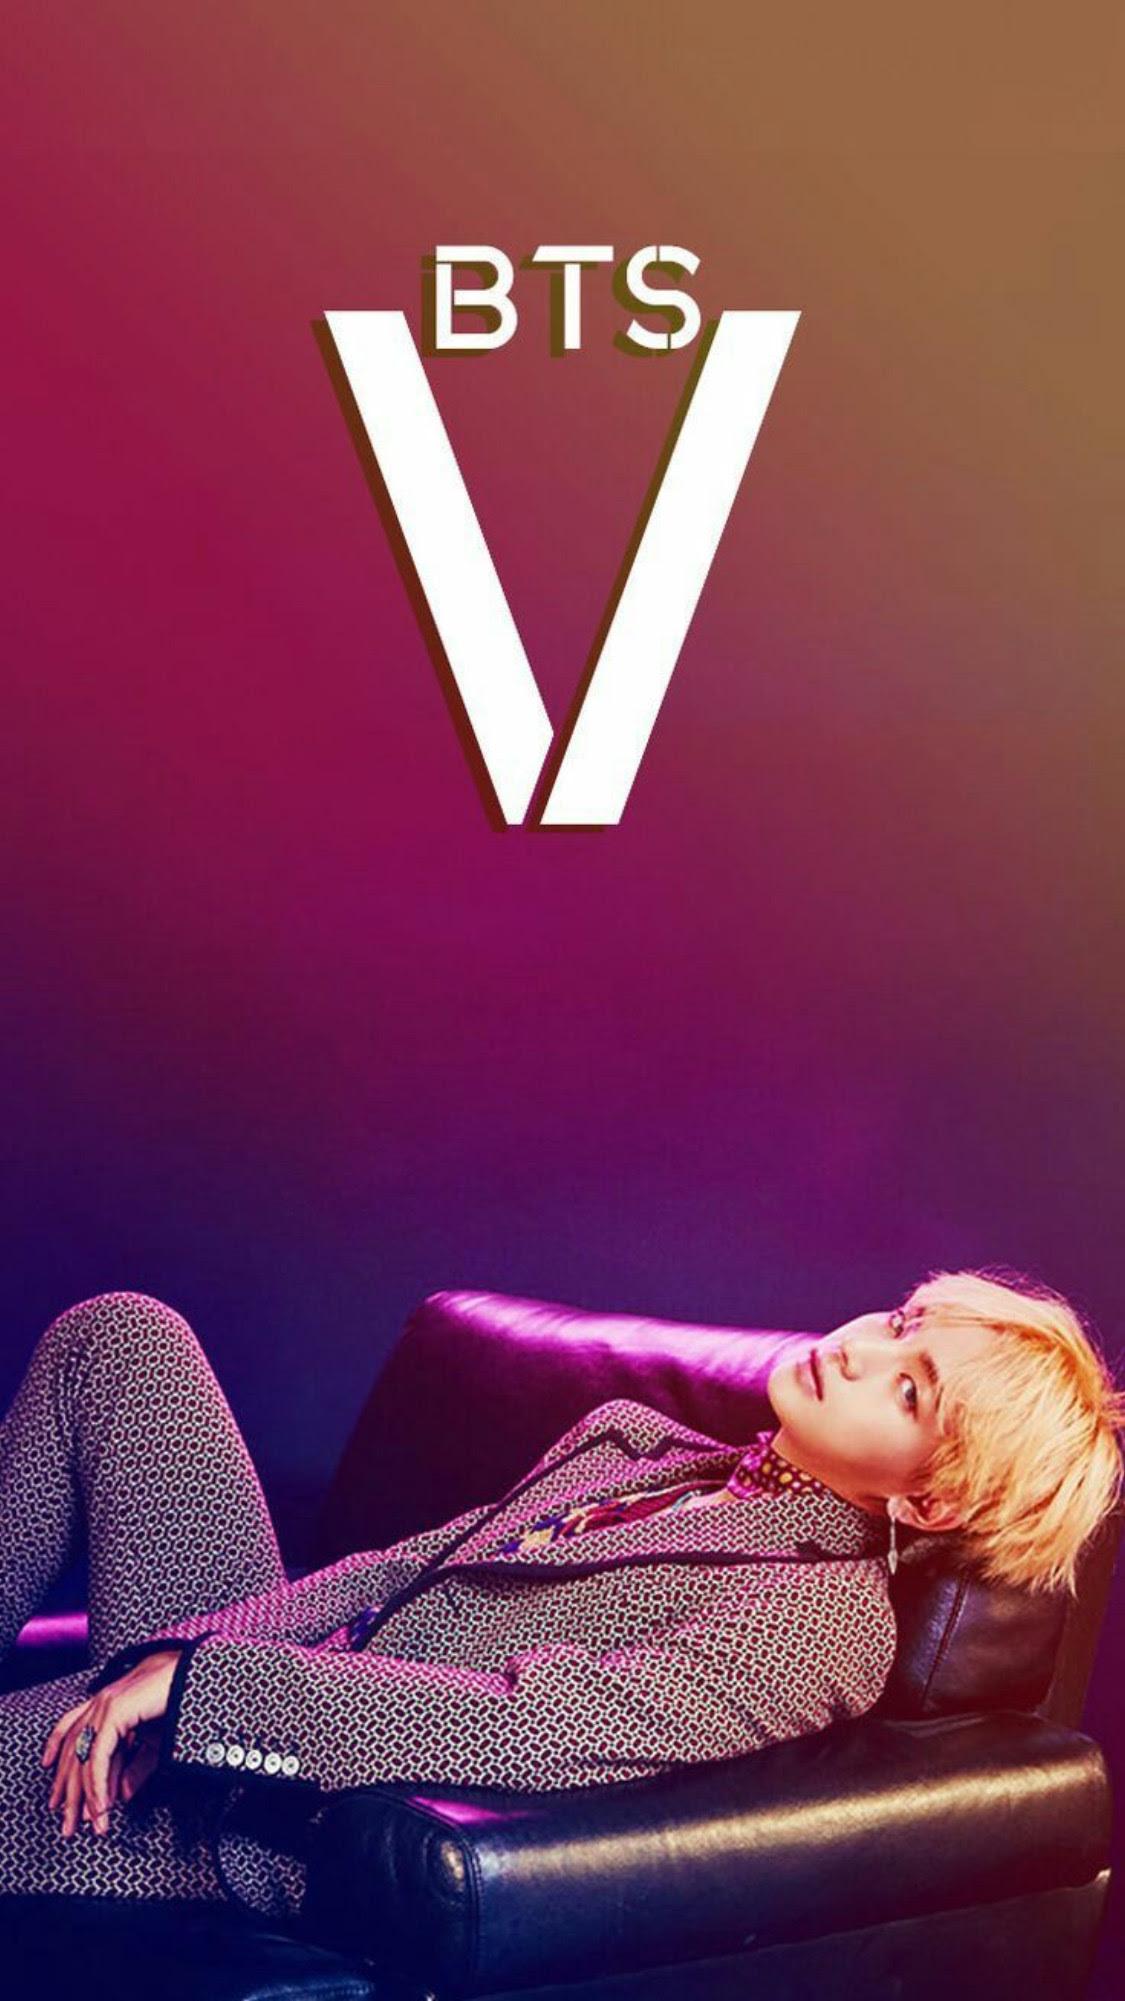 V Of Bts Wallpaper